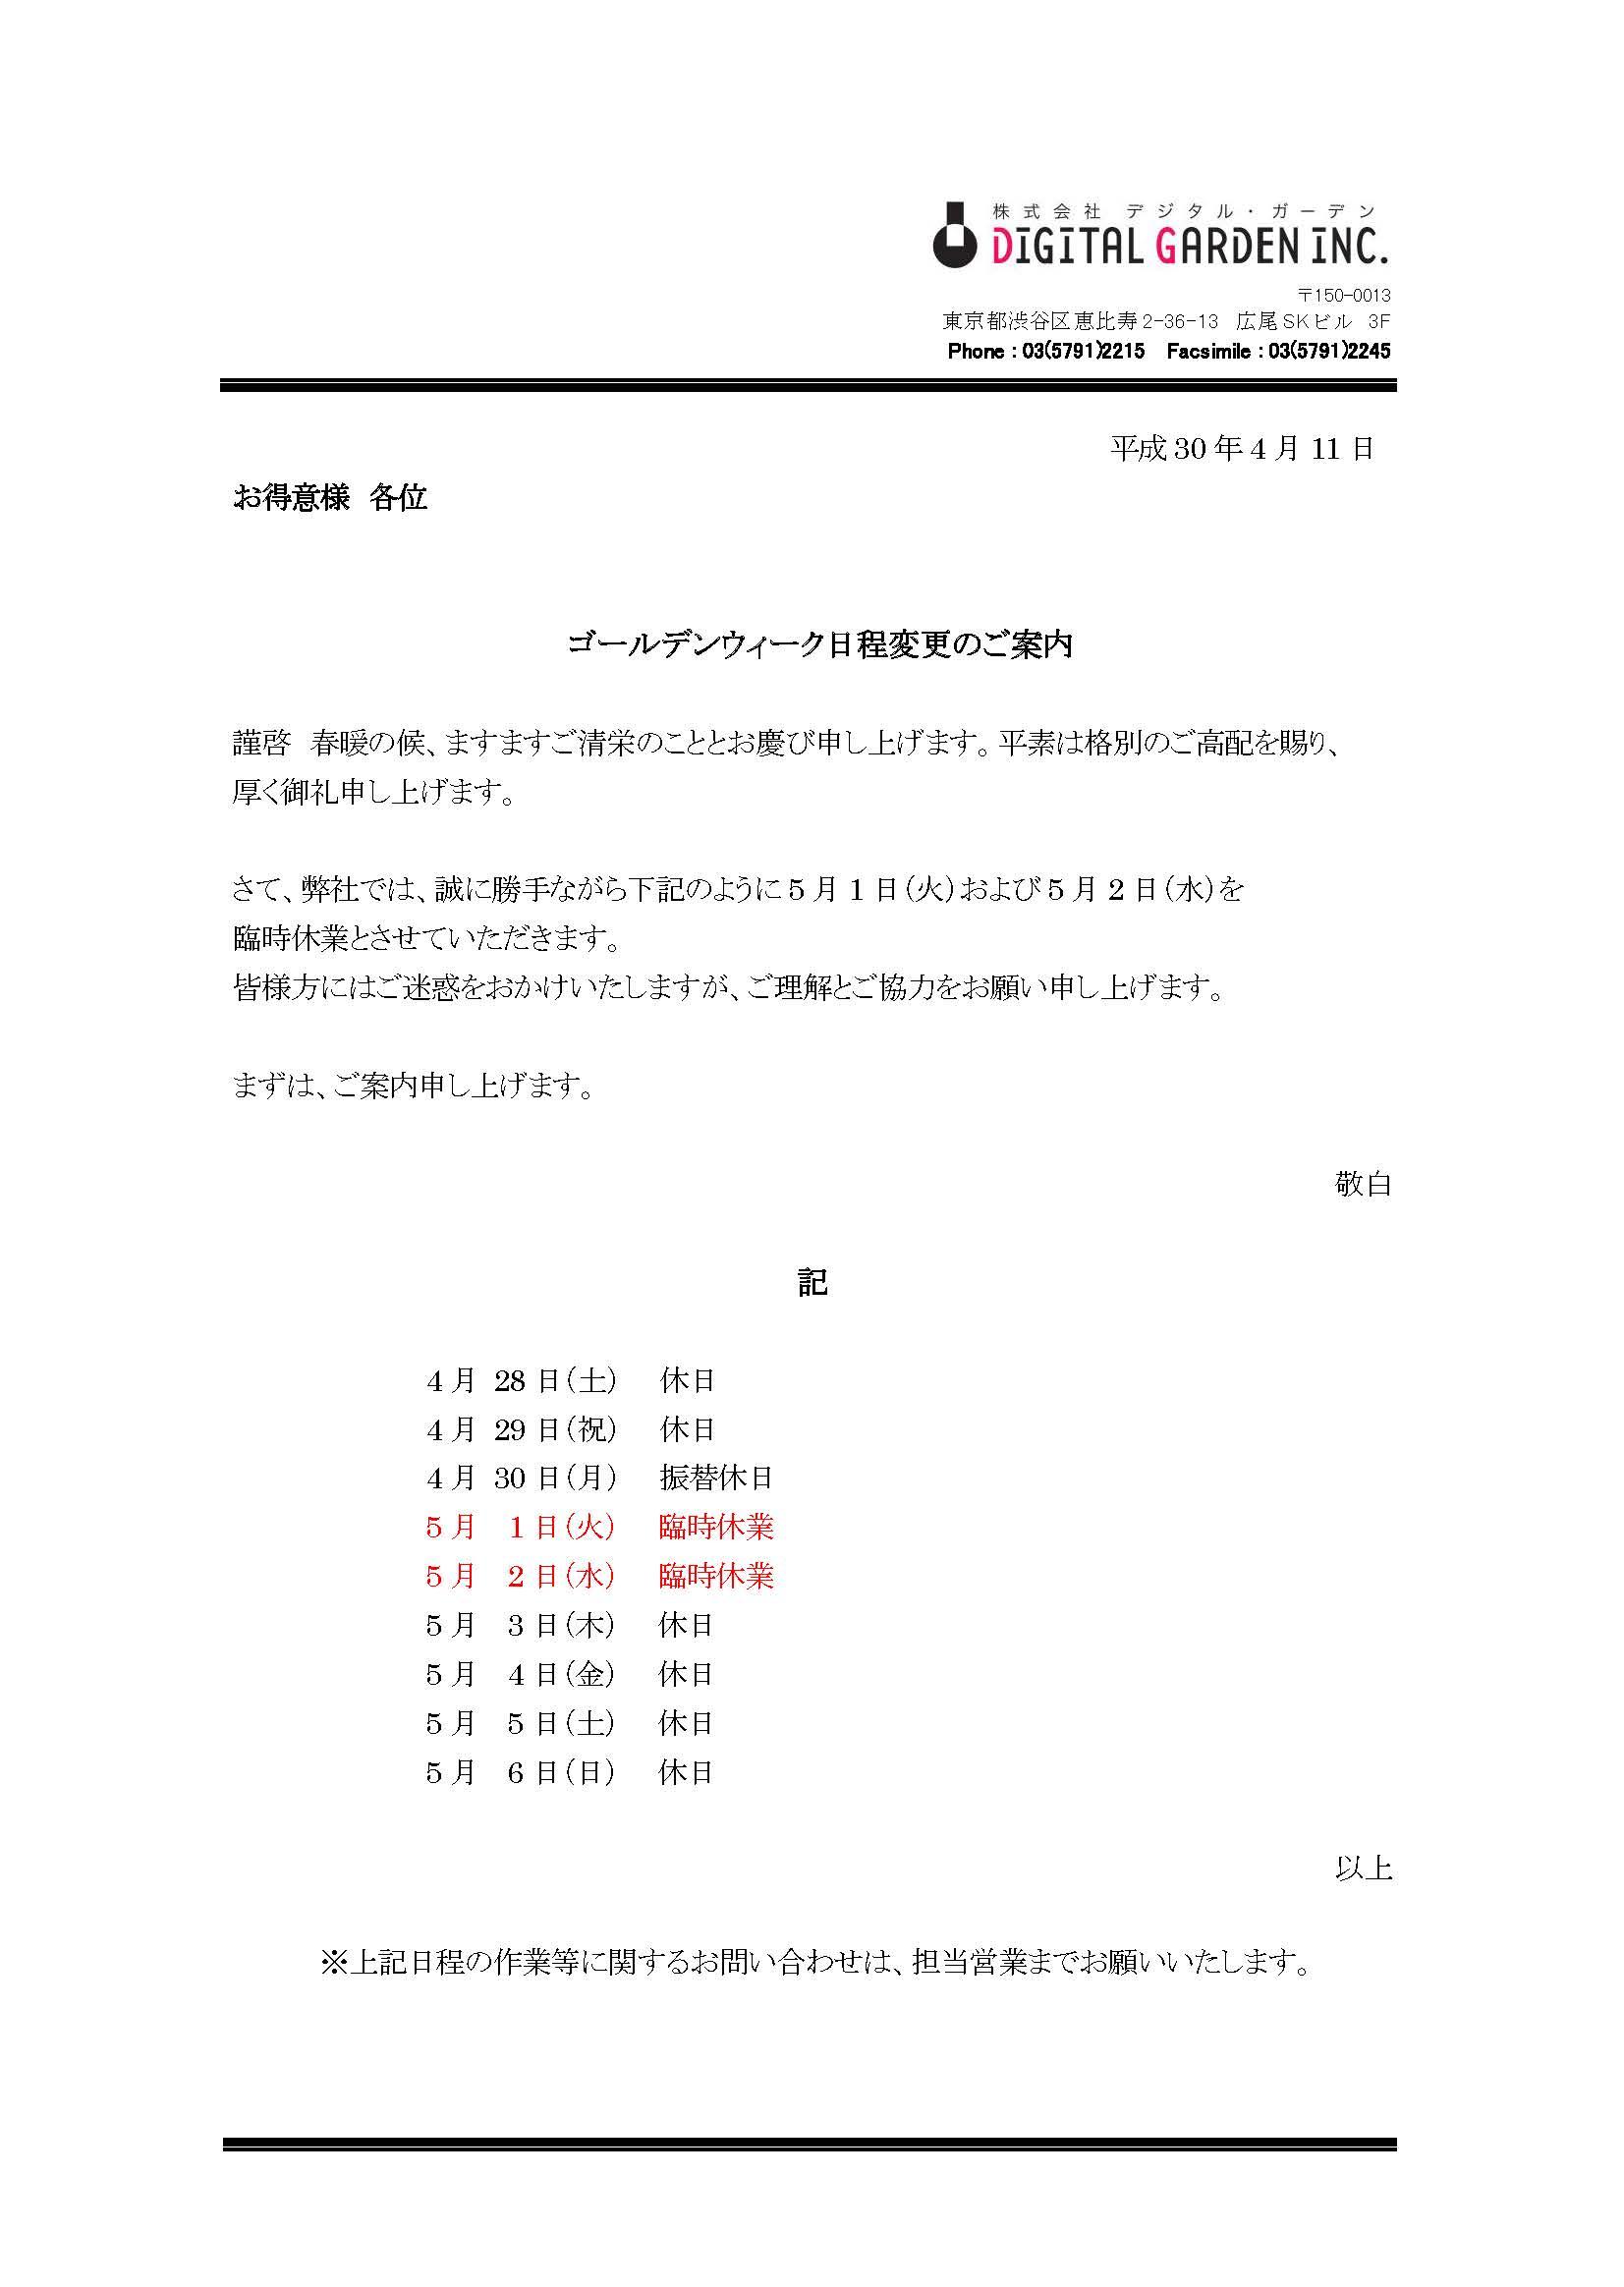 DGI_2018GW日程変更のお知らせ